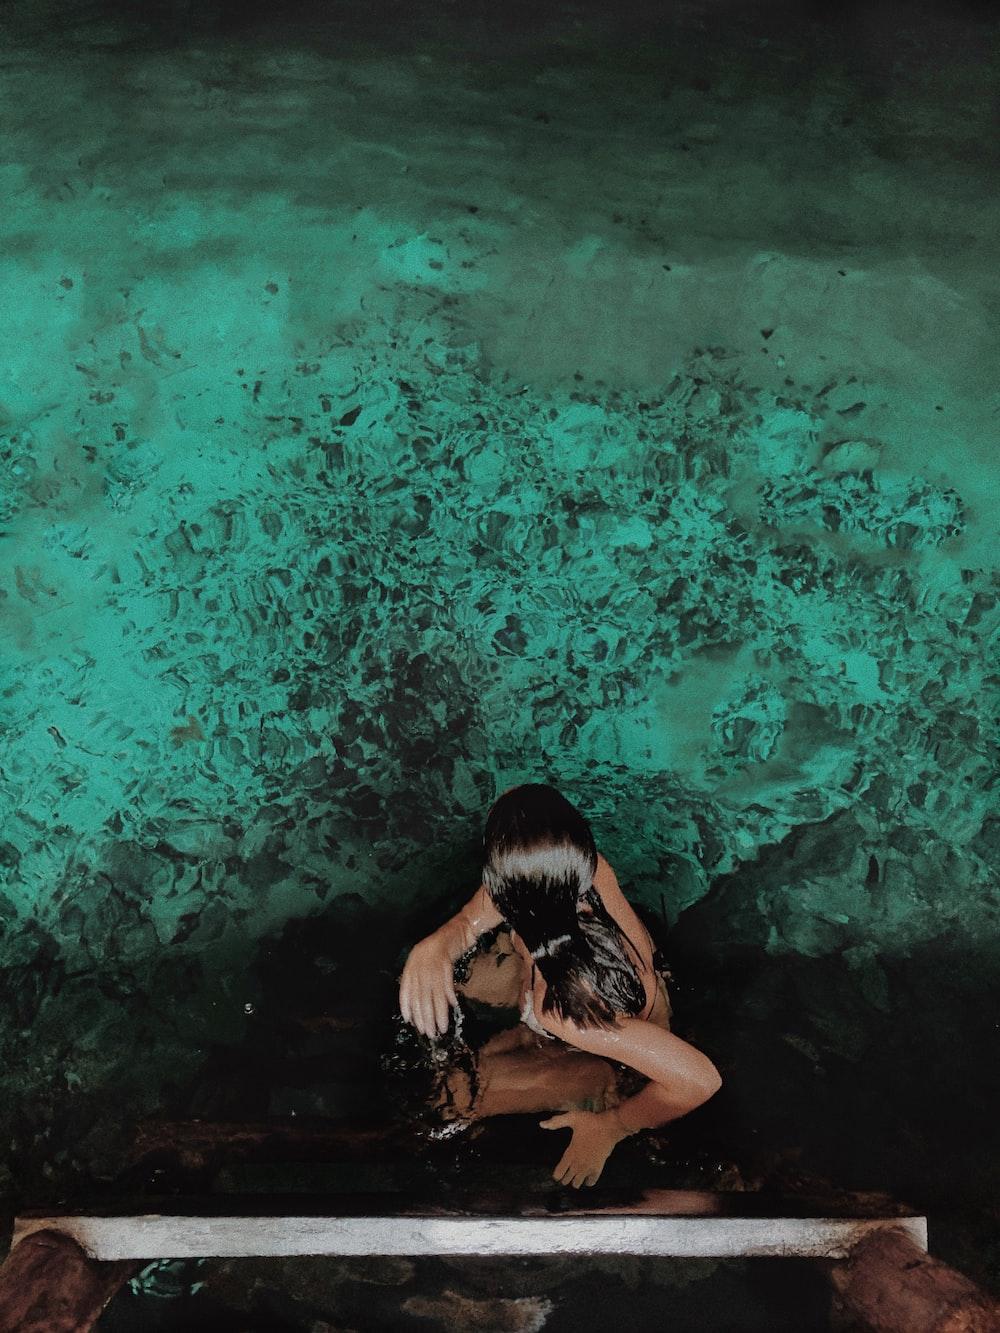 woman in black bikini top swimming on water